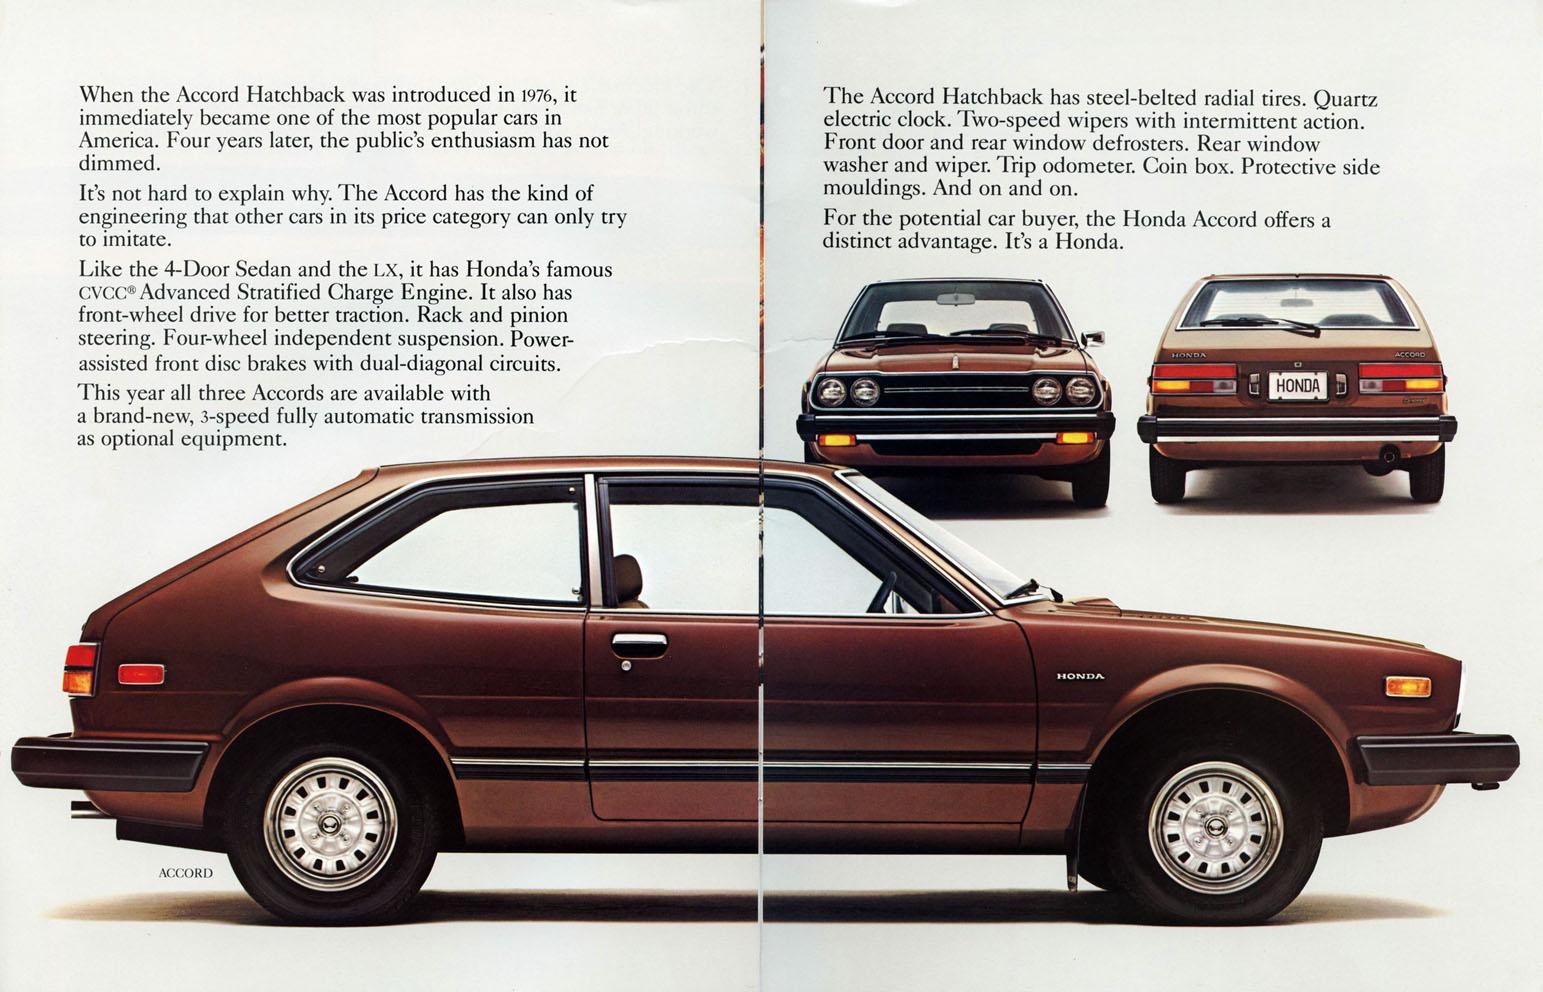 1980 Honda Accord Top Car Models And Price 2019 2020 Download Gnucap General Purpose Circuit Simulator Xtronic Lov2xlr8no